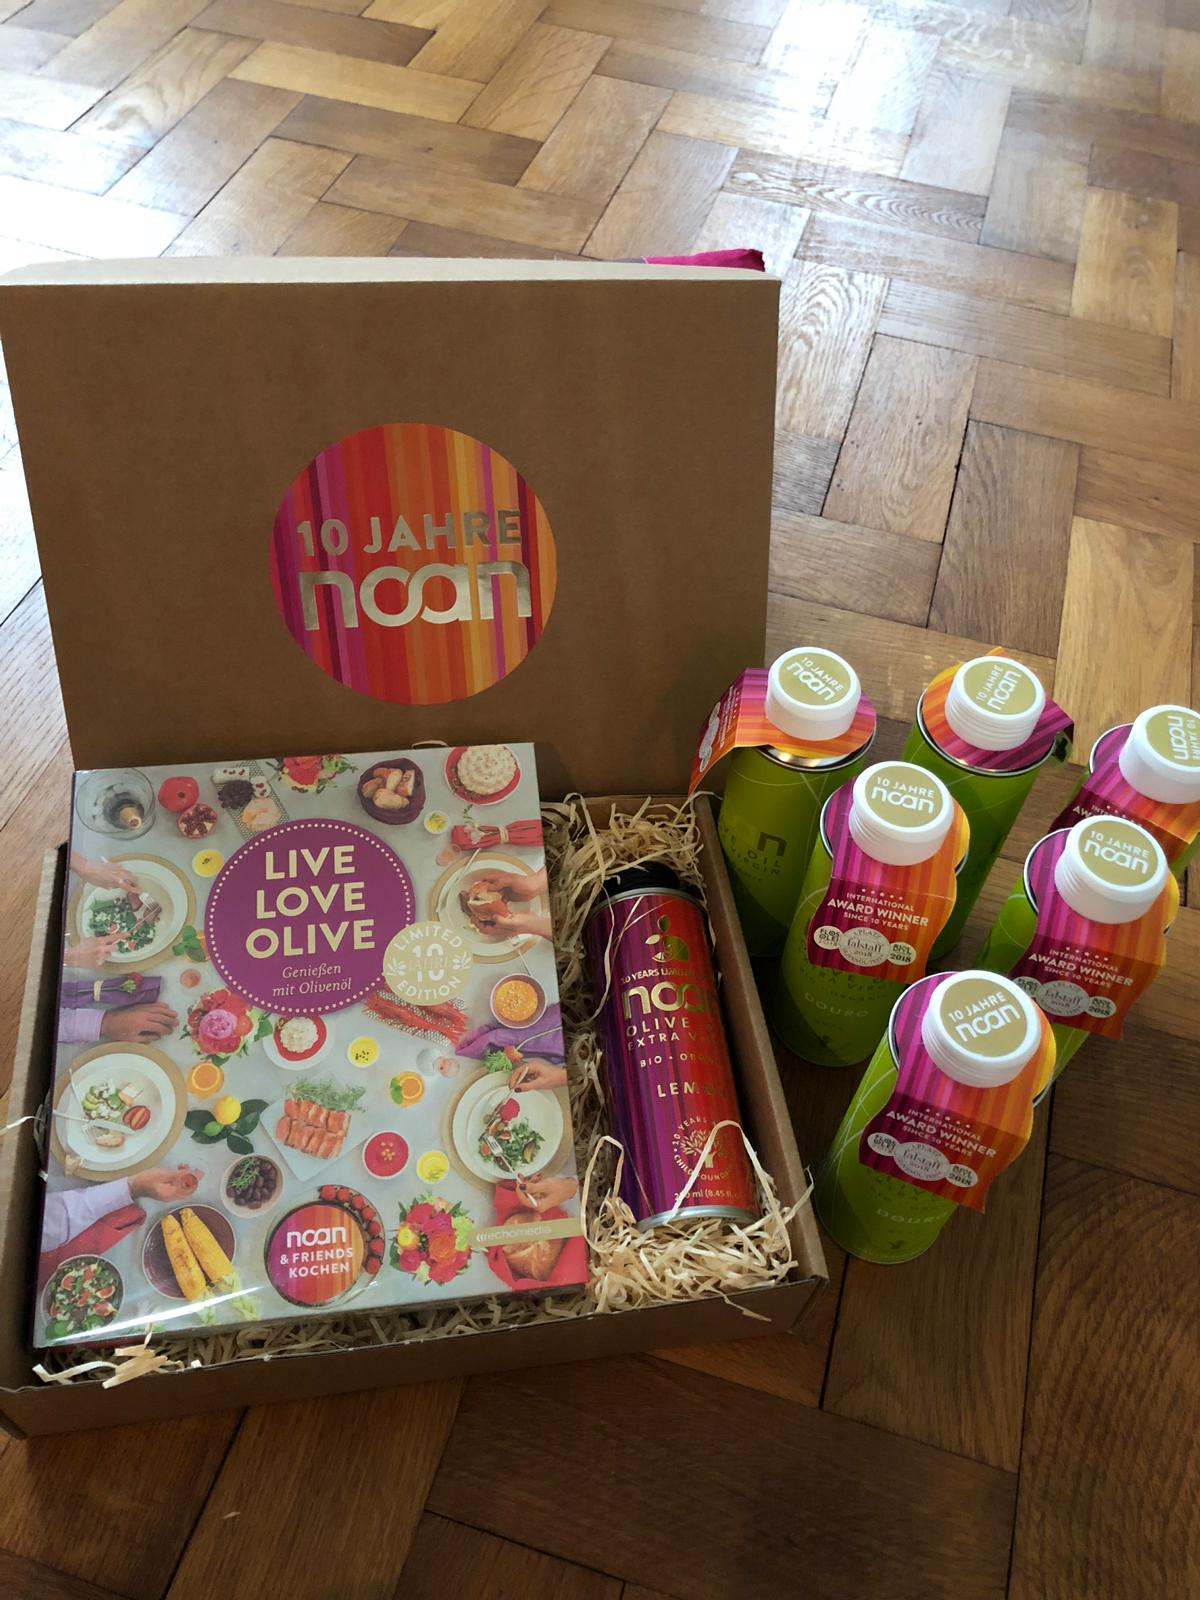 Noan-Geschenkbox im Wert von 120 Euro